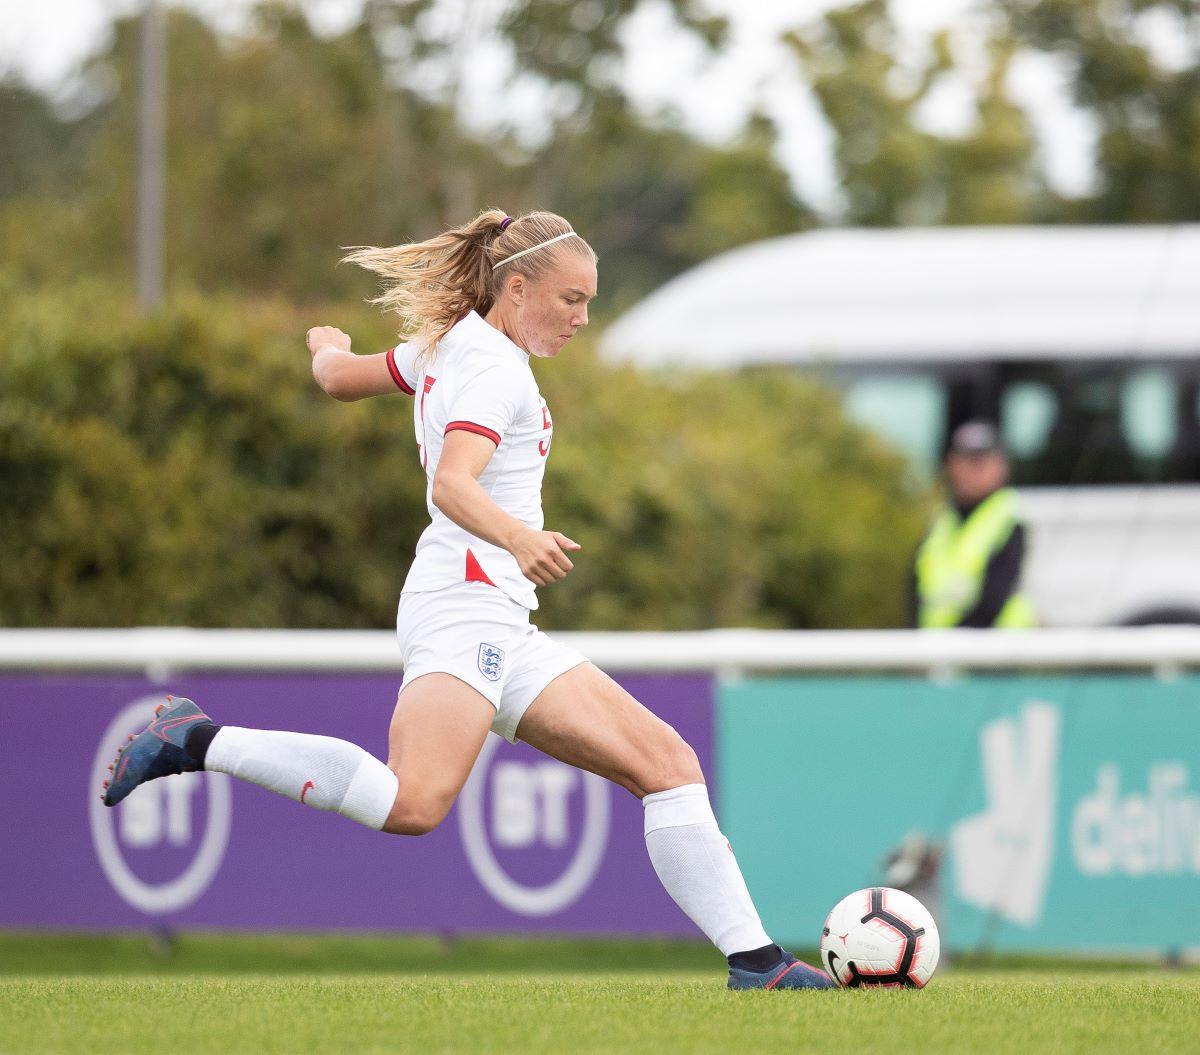 Bristol City's loan signing Kiera Skeels